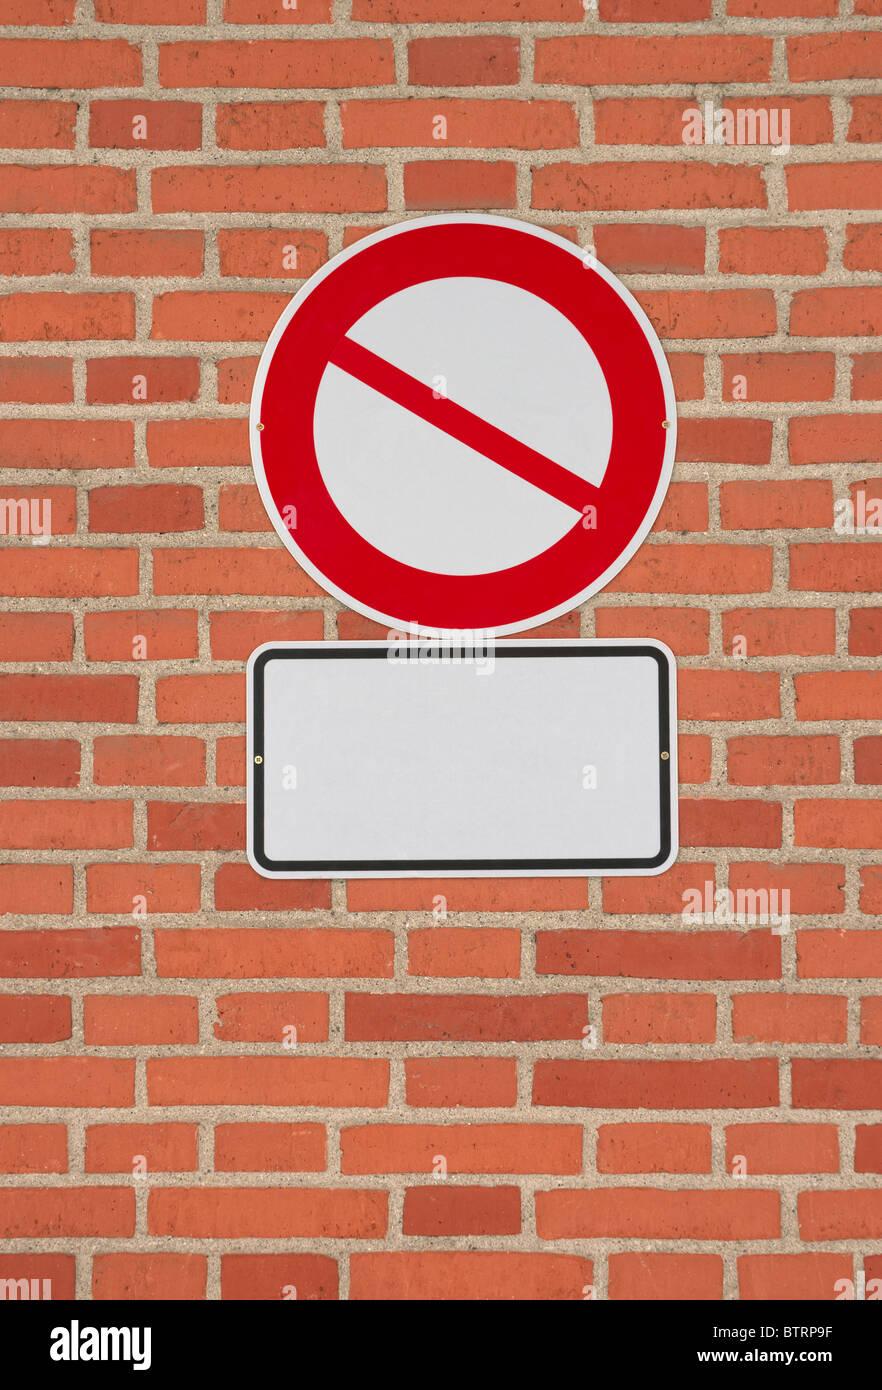 Verbotszeichen mit leeren Brief Teller auf Mauer. Vorlage, jedes Symbol und Text auf. Stockbild